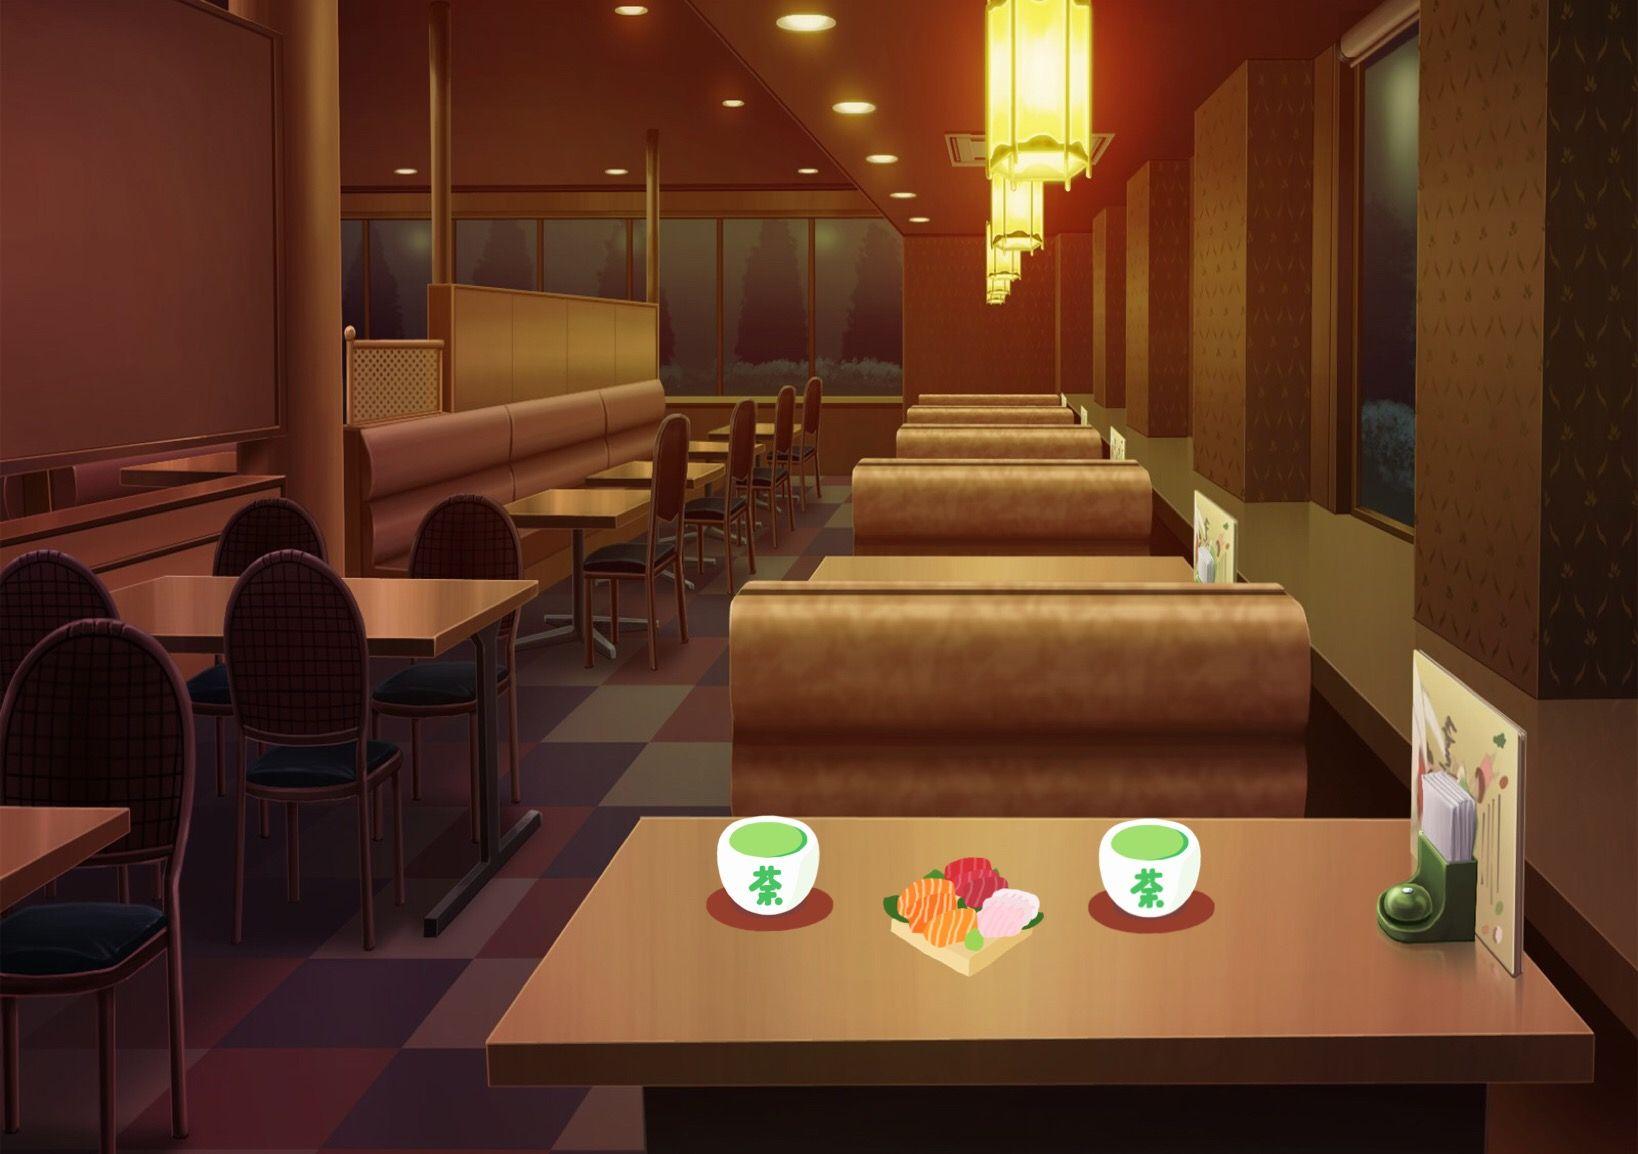 Restaurant Cenário anime, Fundo de animação, Fundo para